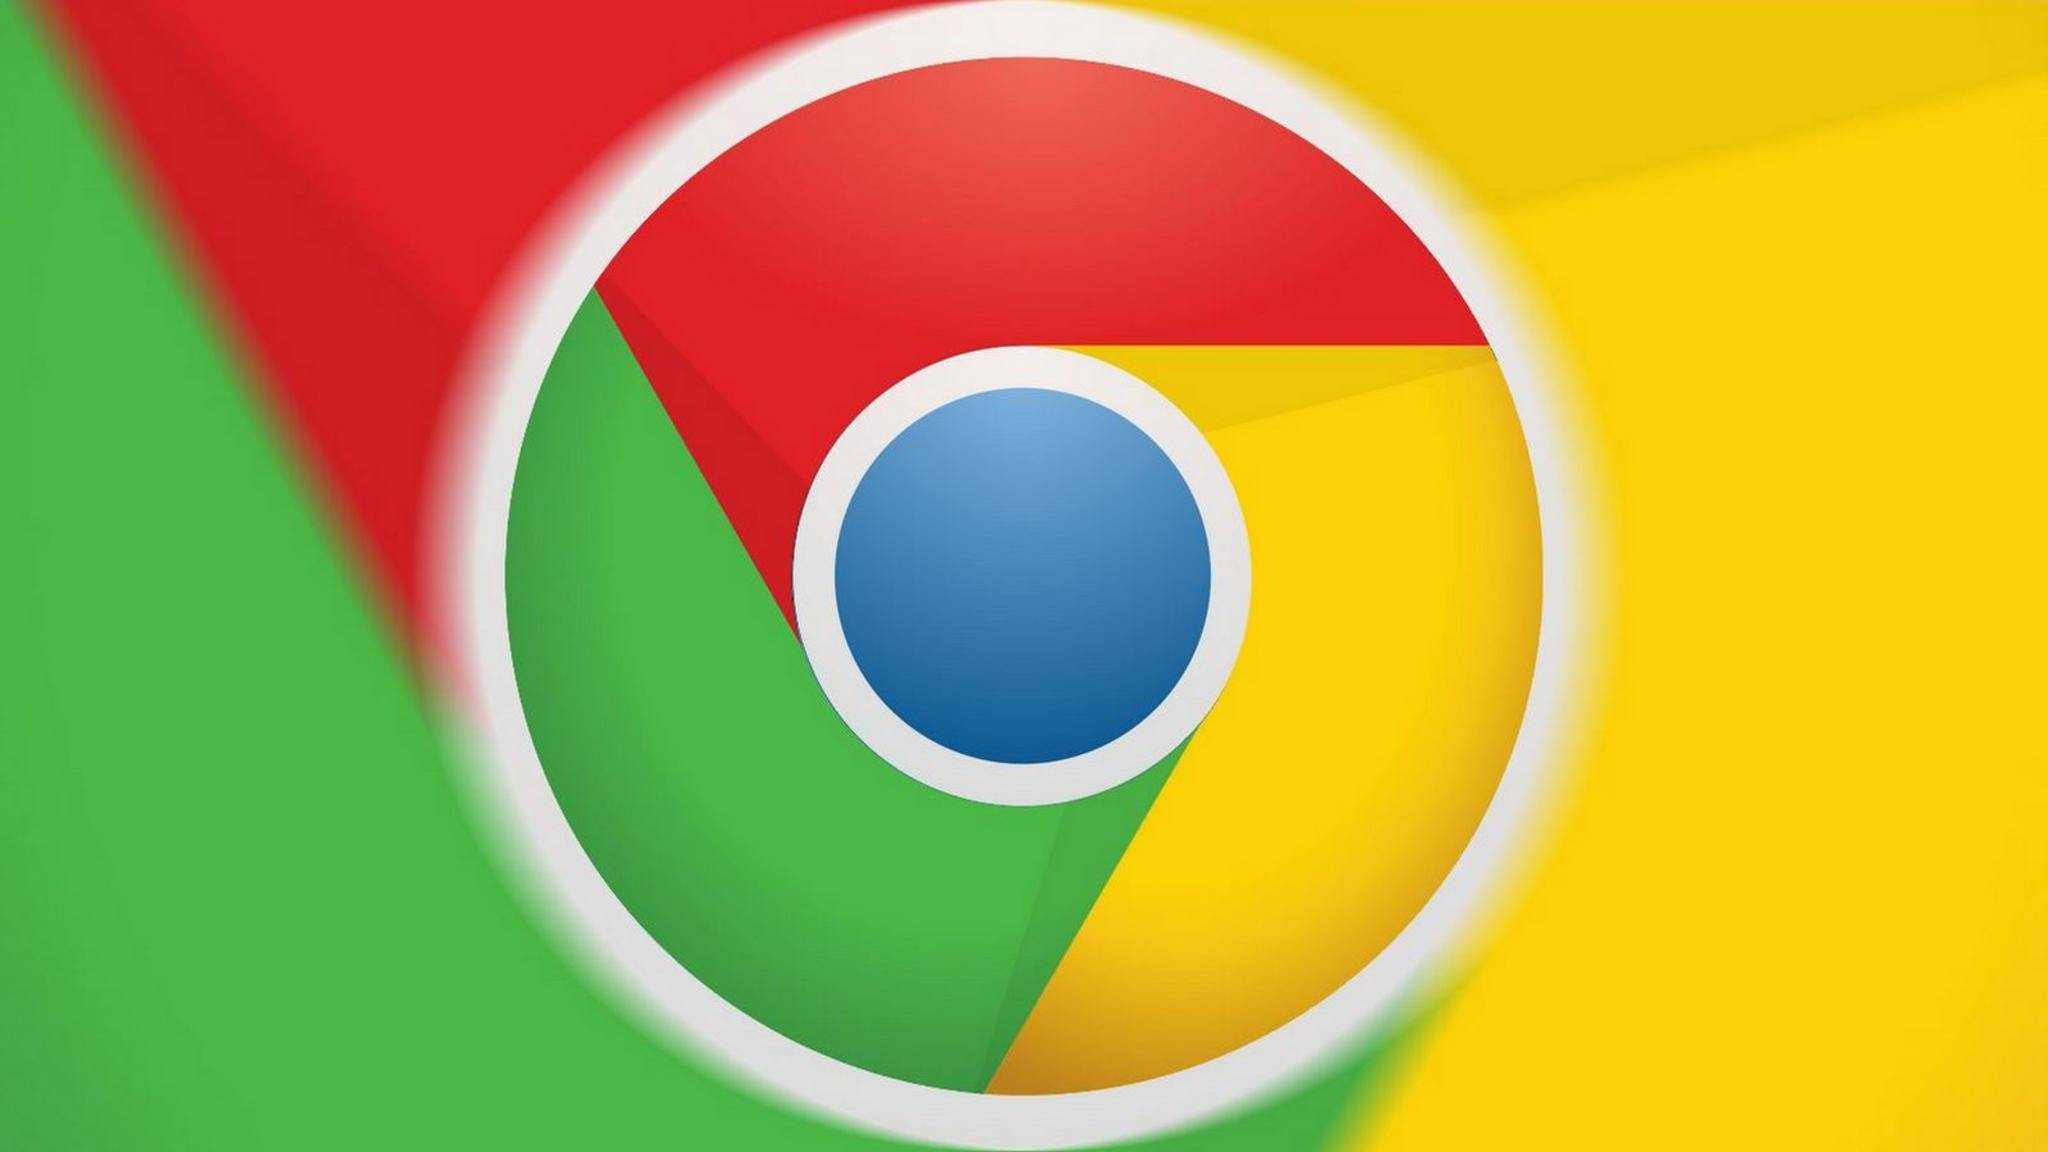 Wir verraten Dir, wie Du Chrome in den Dark Mode versetzen kannst.